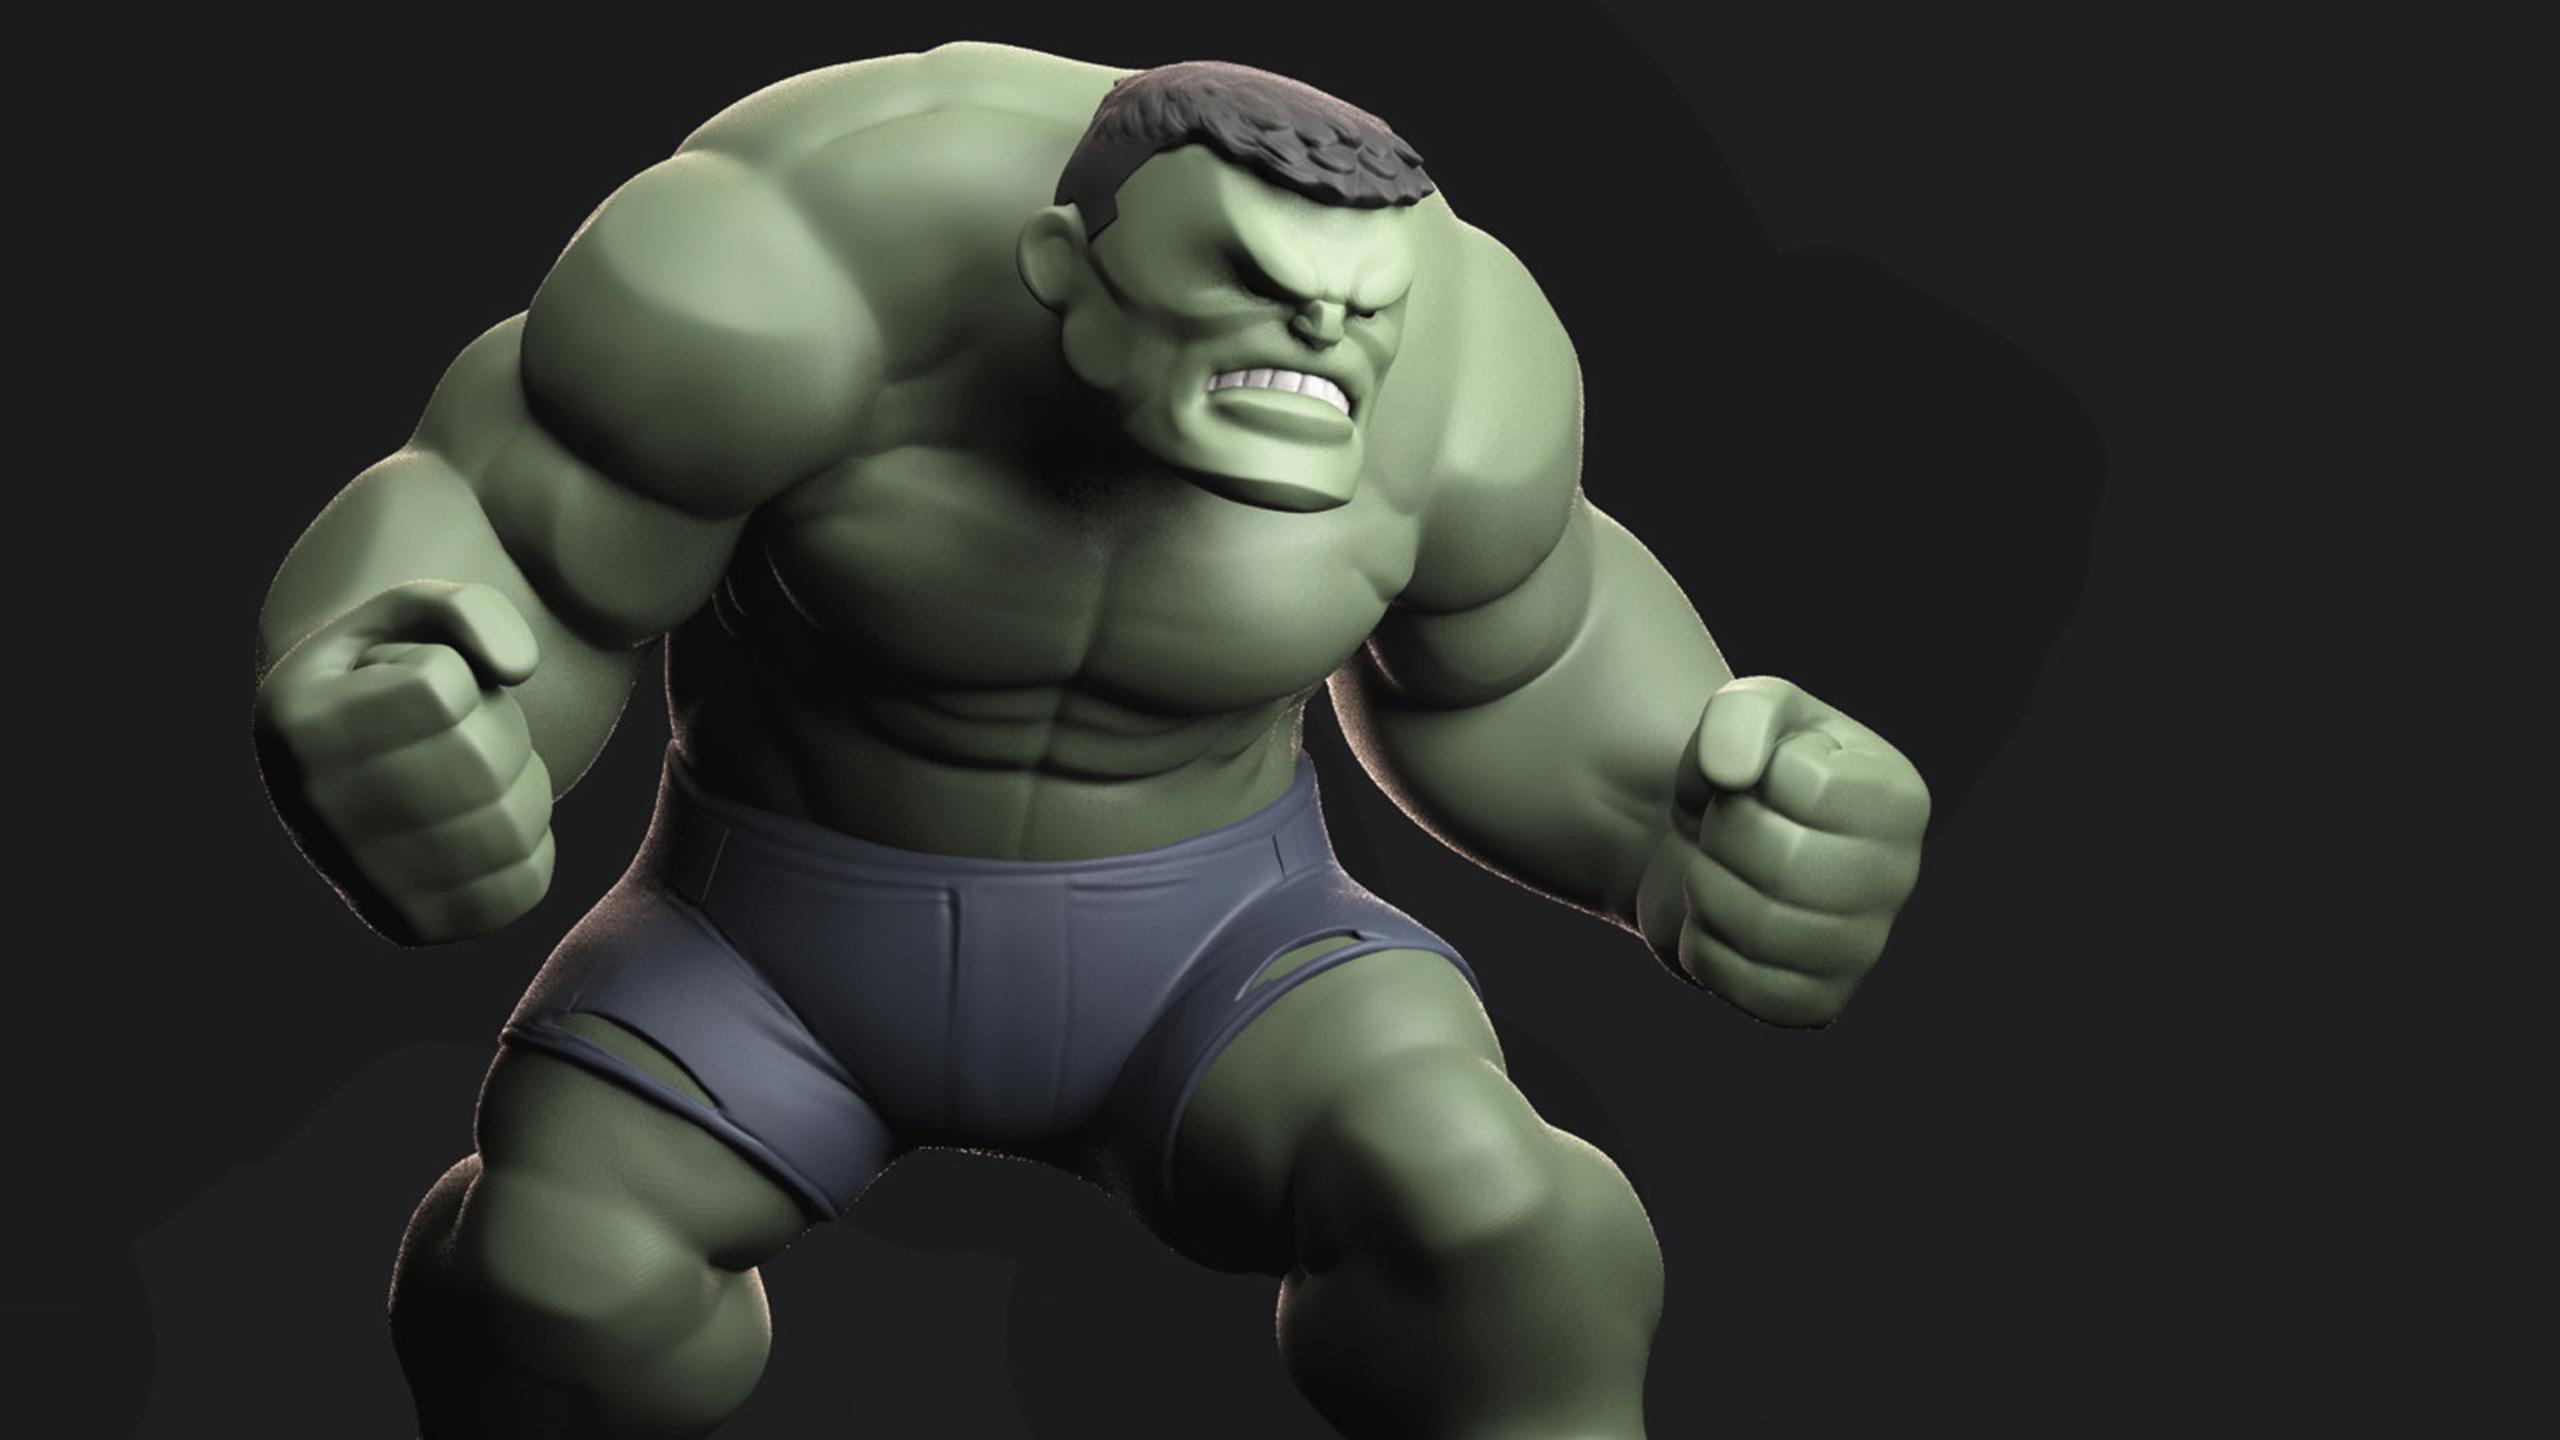 hulk-3d-avengers-infinity-war-d0.jpg